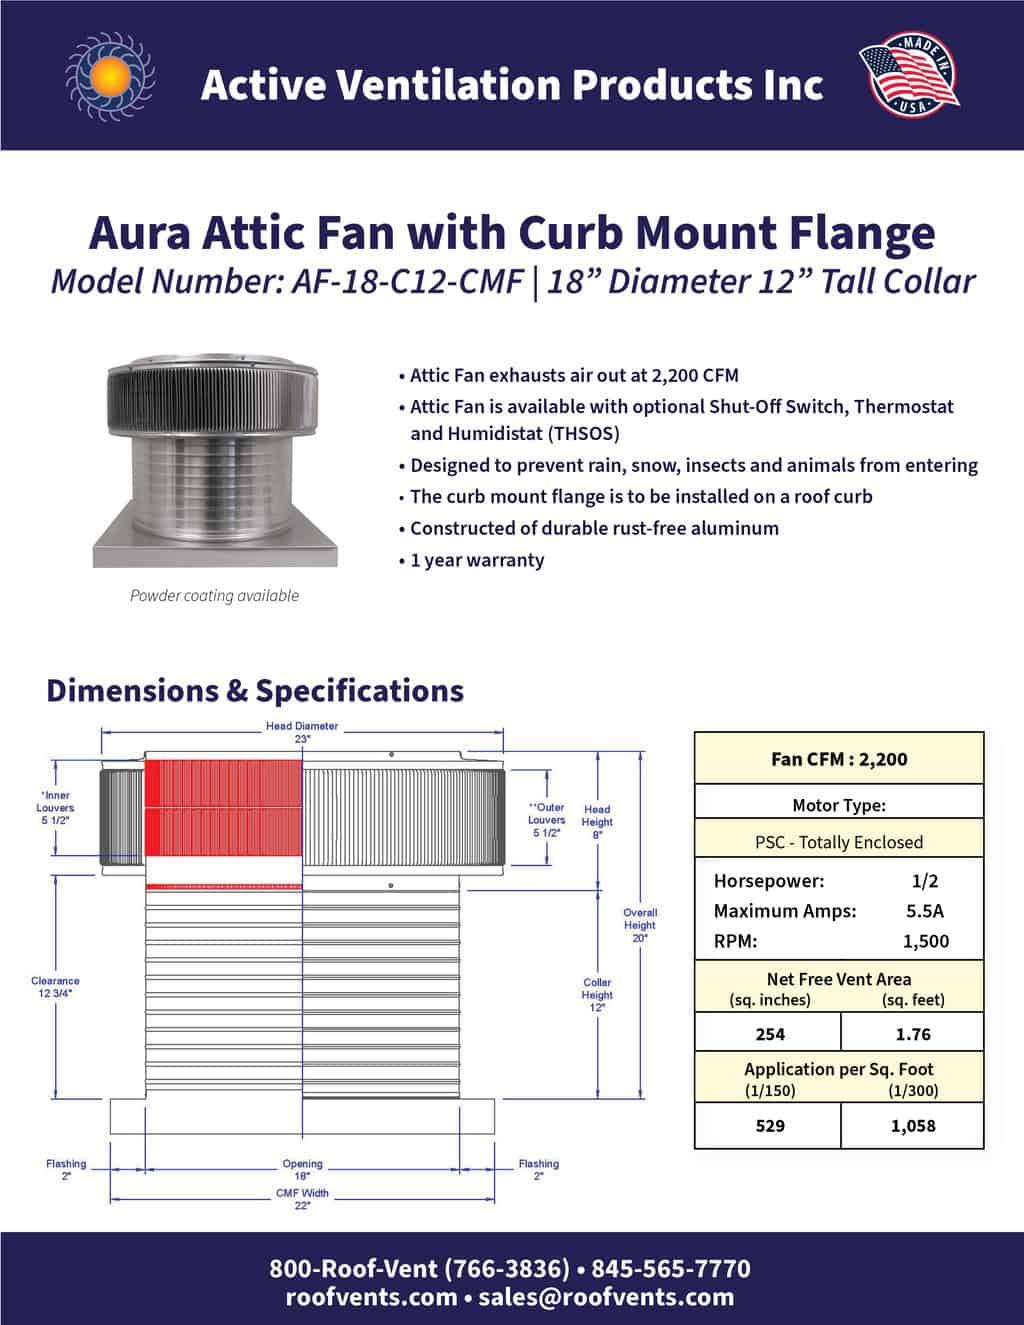 AF-18-C12-CMF-brochure An Exhaust Attic Fan